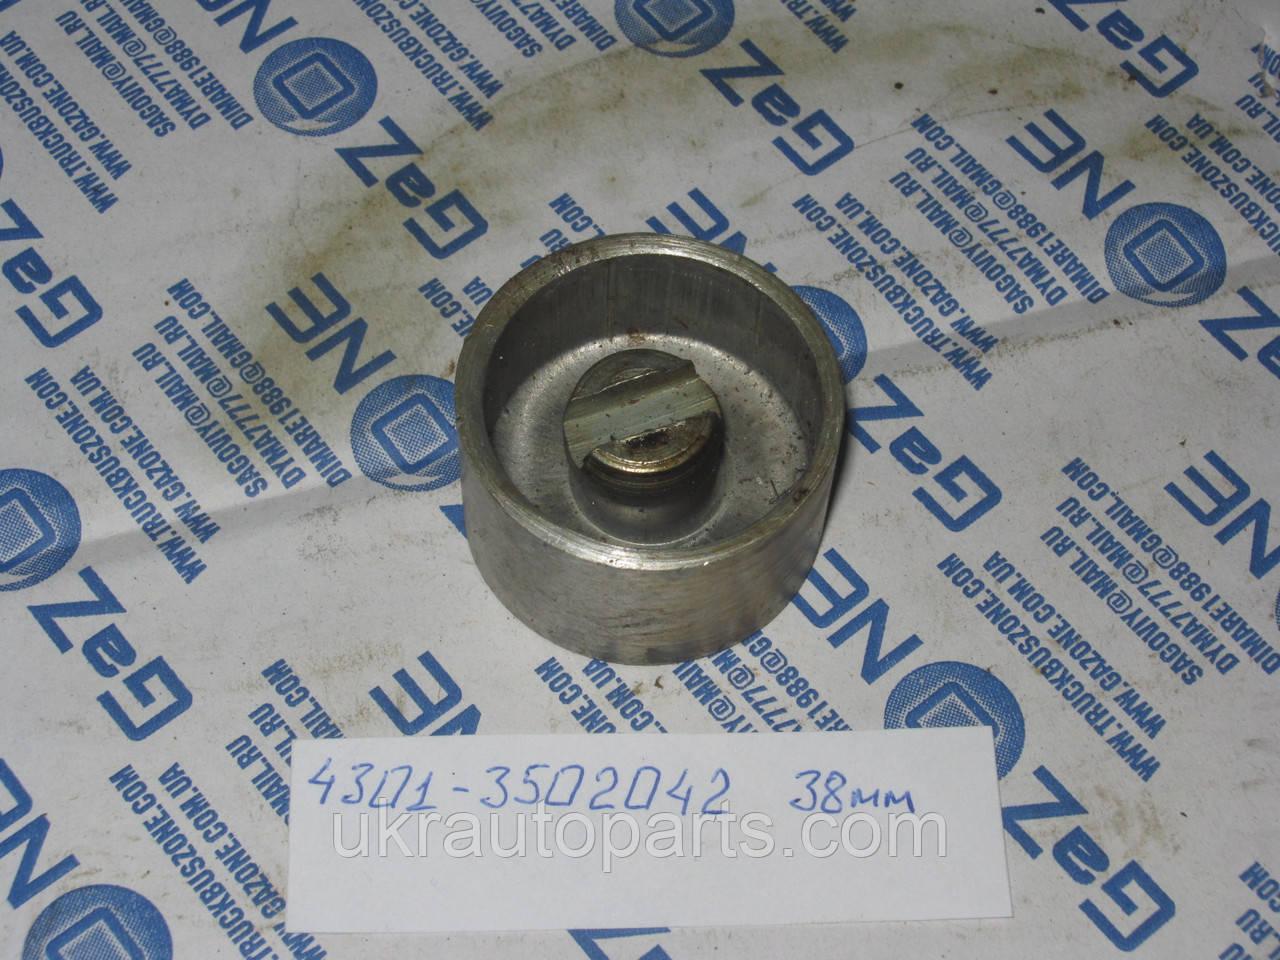 Поршень цилиндра рабочего тормозного заднего ГАЗ 3307 53 4301 (38мм) (4301-3502042)